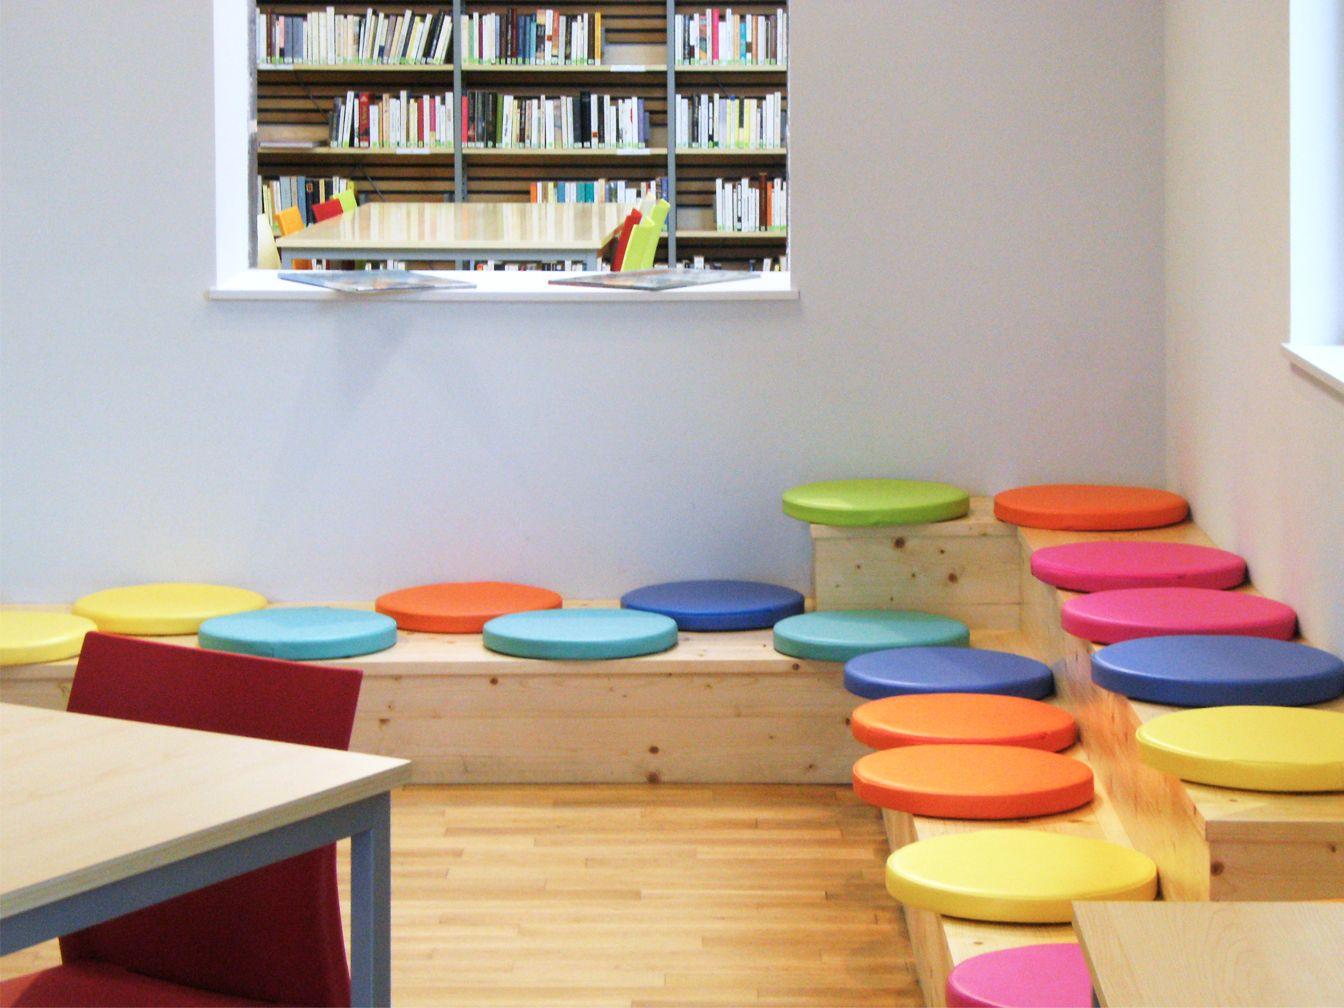 d couvrez notre mobilier pour enfant les galettes d 39 assise en mousse mobilier de. Black Bedroom Furniture Sets. Home Design Ideas